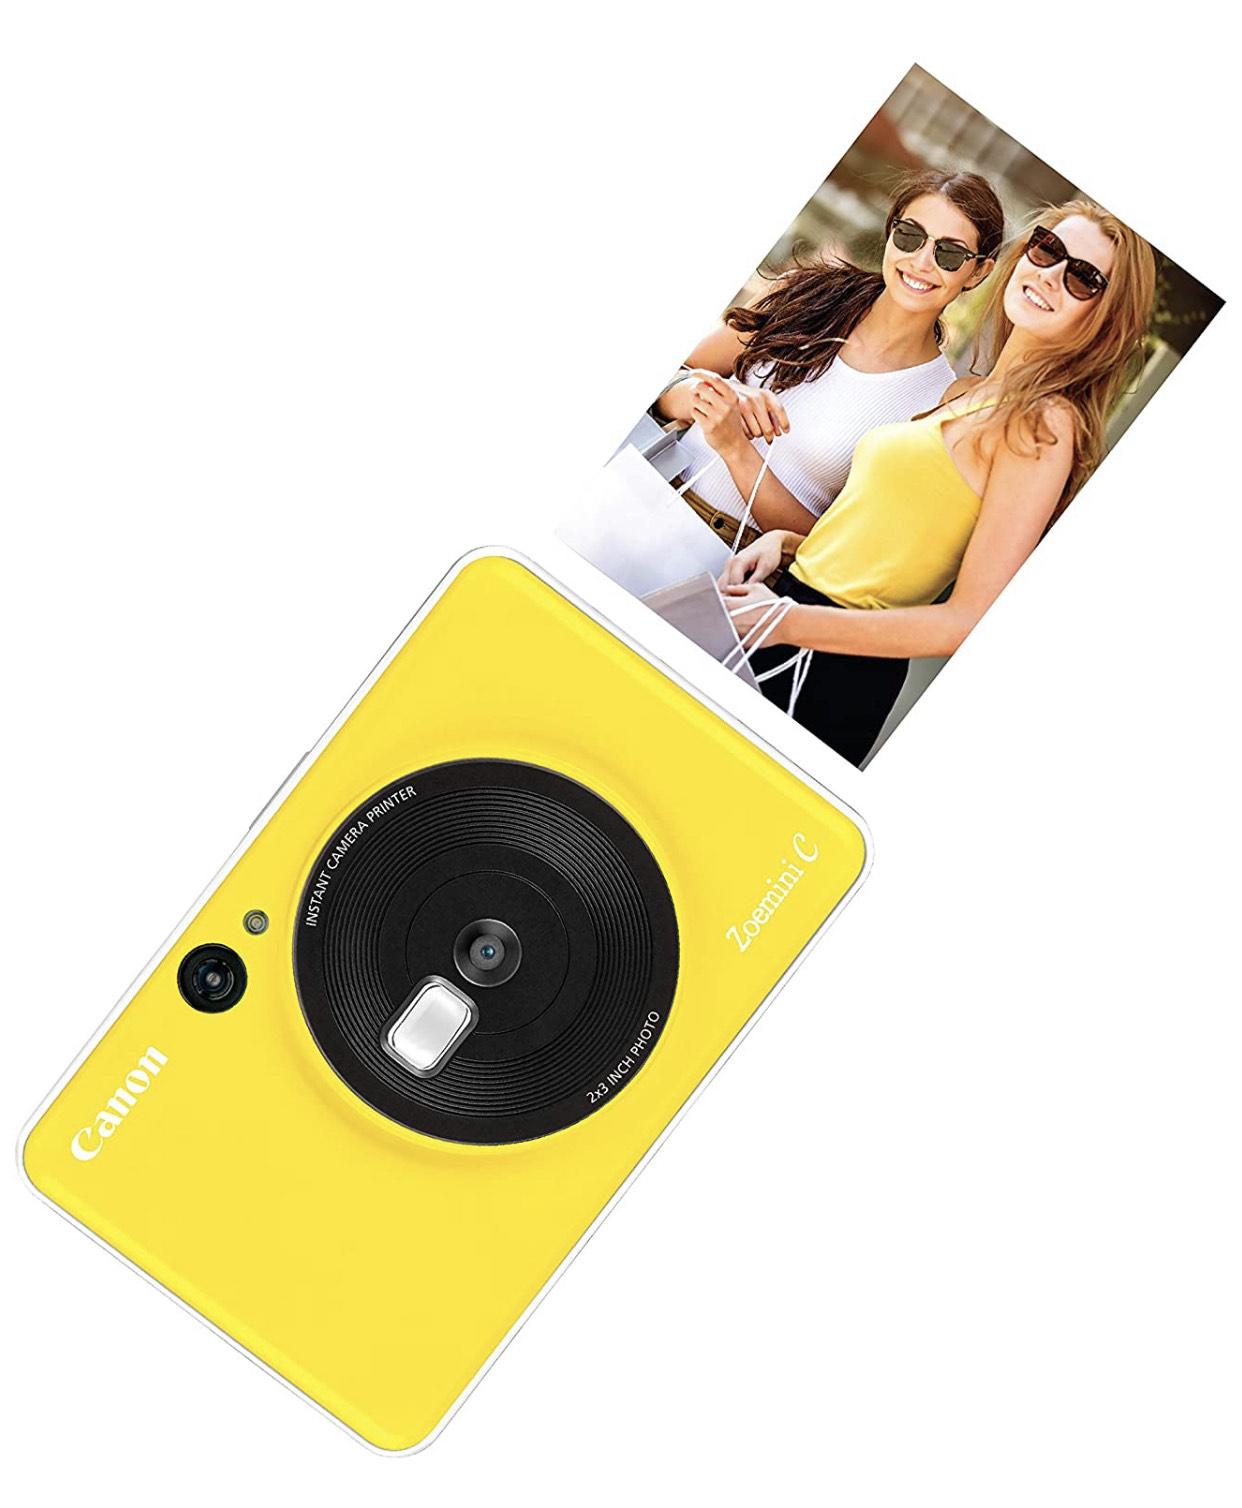 Canon Zoemini C Instant Camera & Mini Photo Printer - Sold and Shipped by Amazon - £49.99